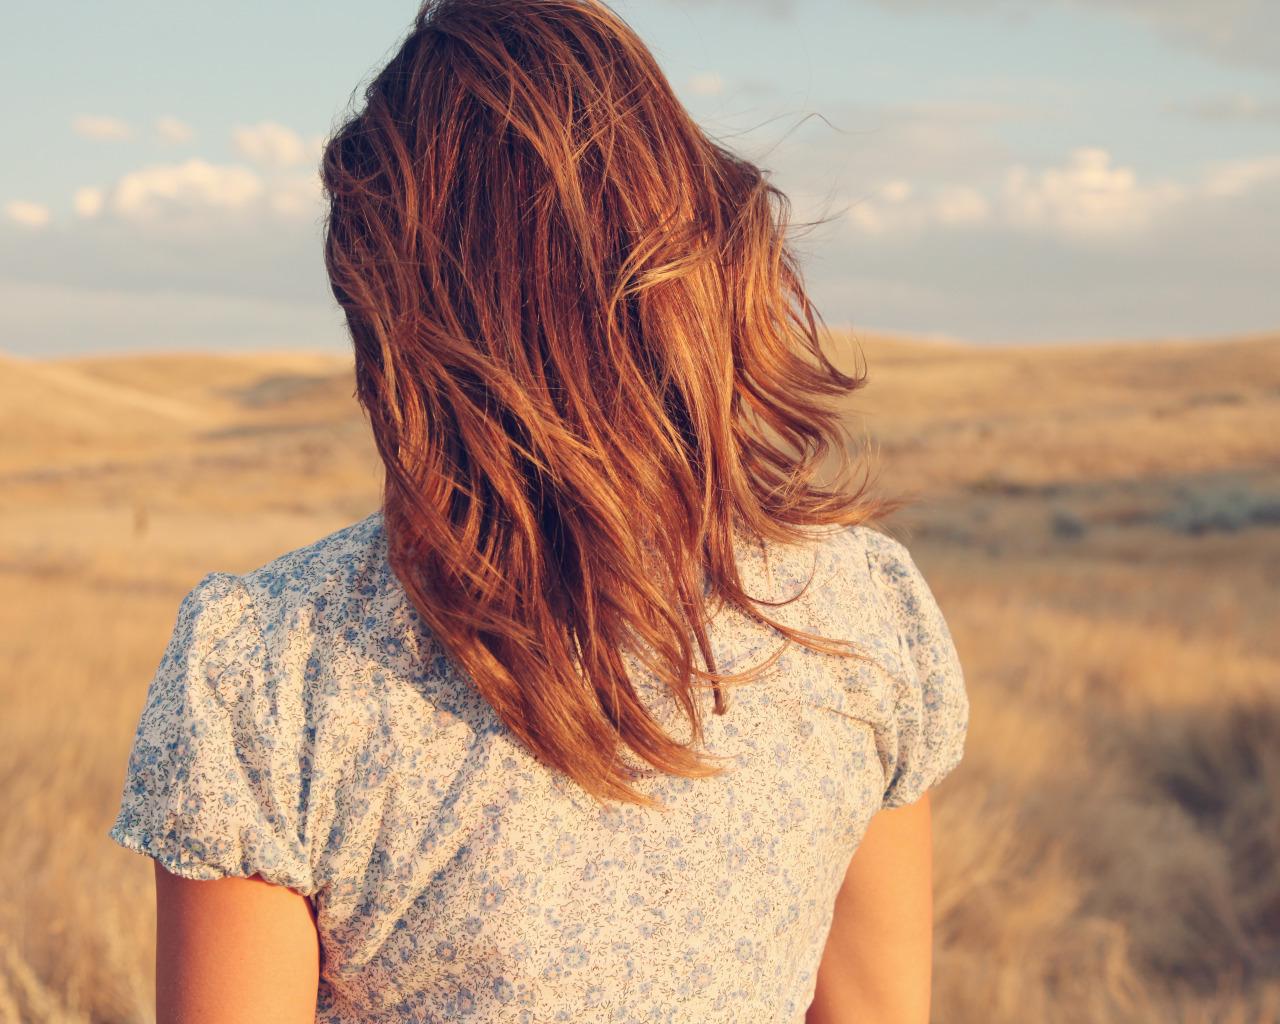 Фото девушек рыжих со спины на аву в контакт